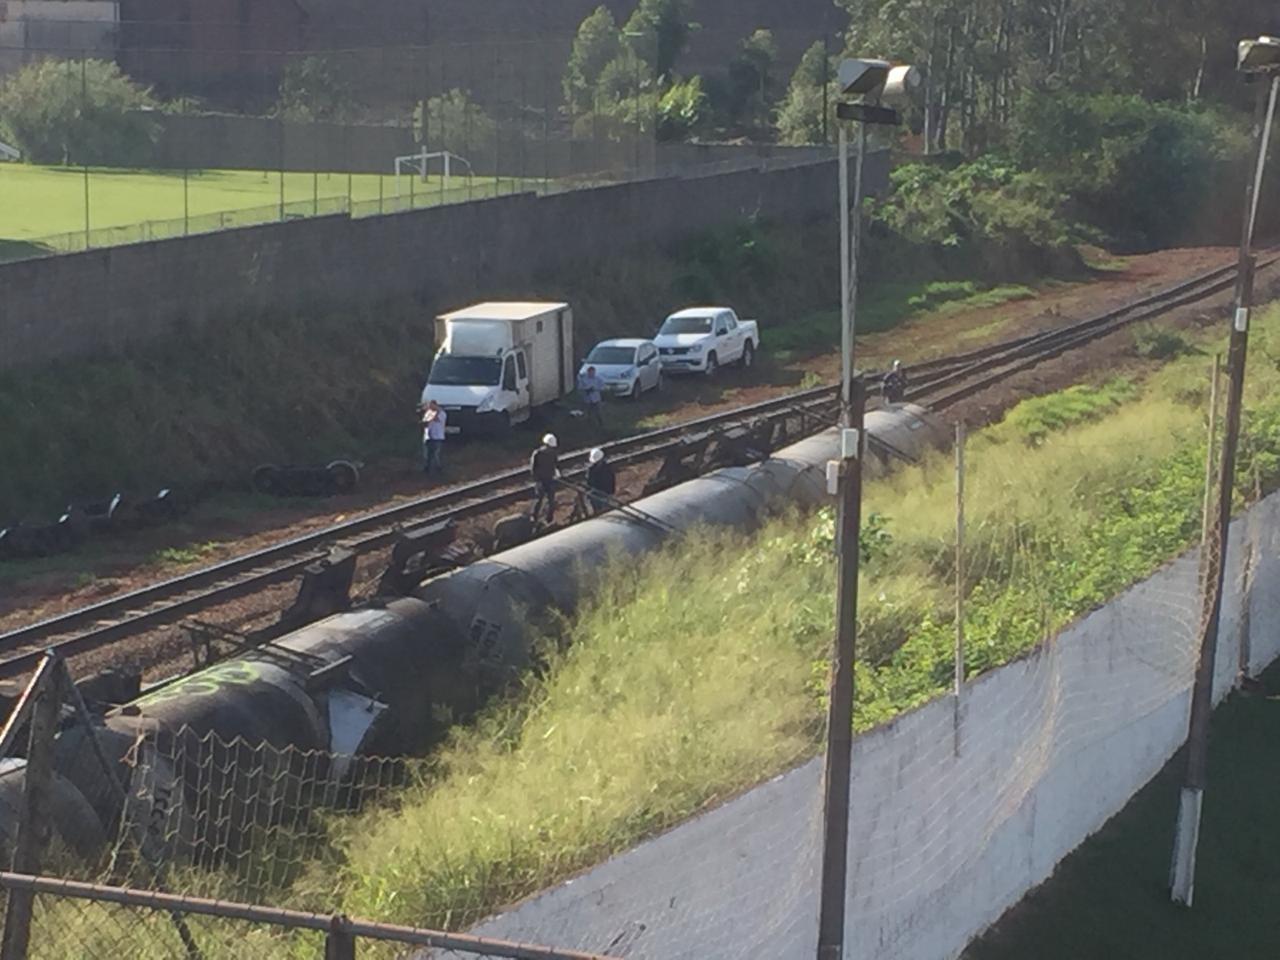 12 vagões carregados com álcool tombam em pátio ferroviário